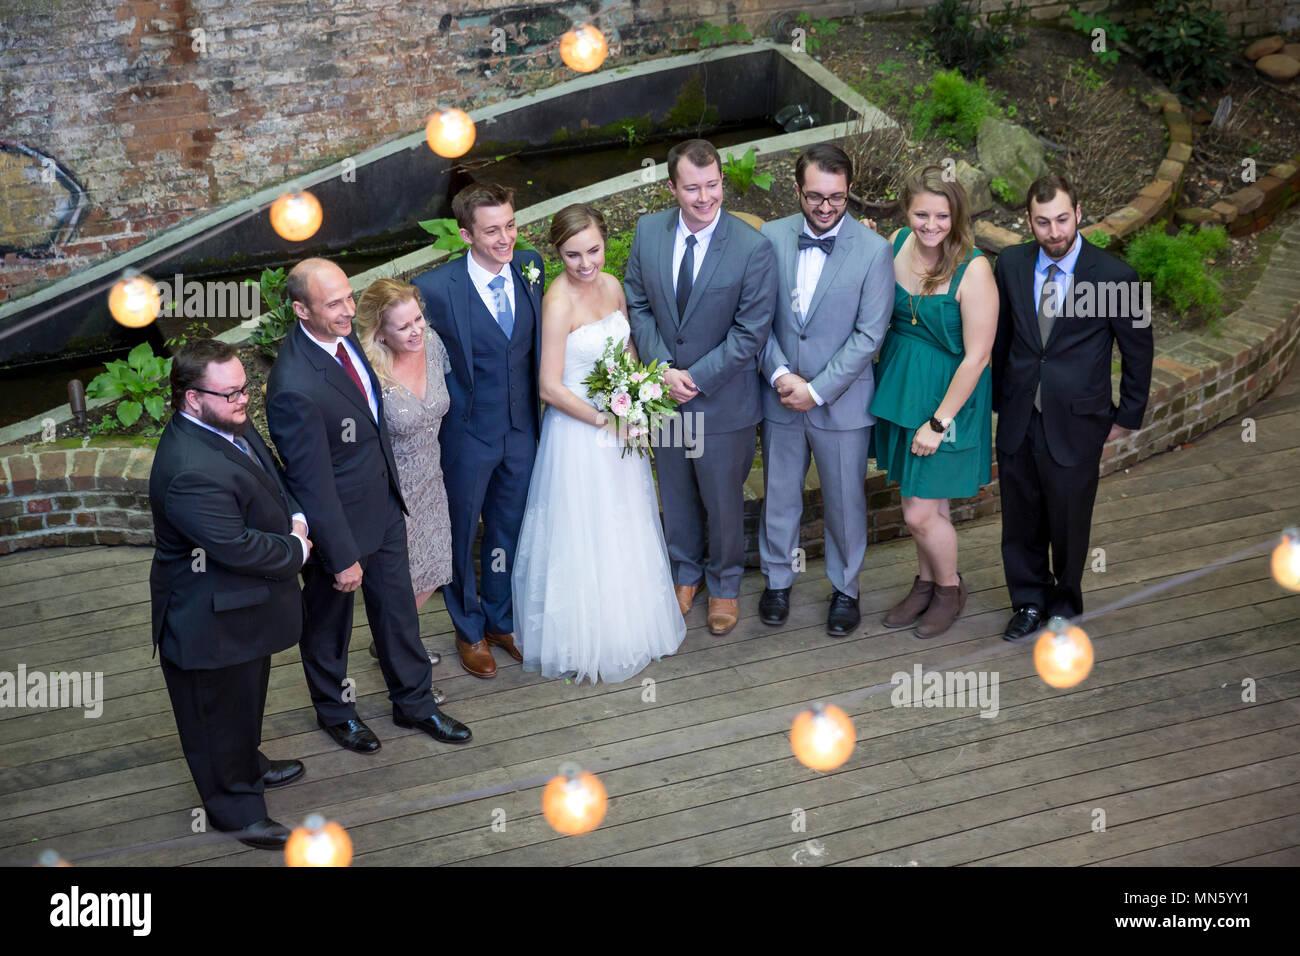 Bridal Partei stellt für Fotos nach der Trauung, Athens, Georgia, USA Stockbild